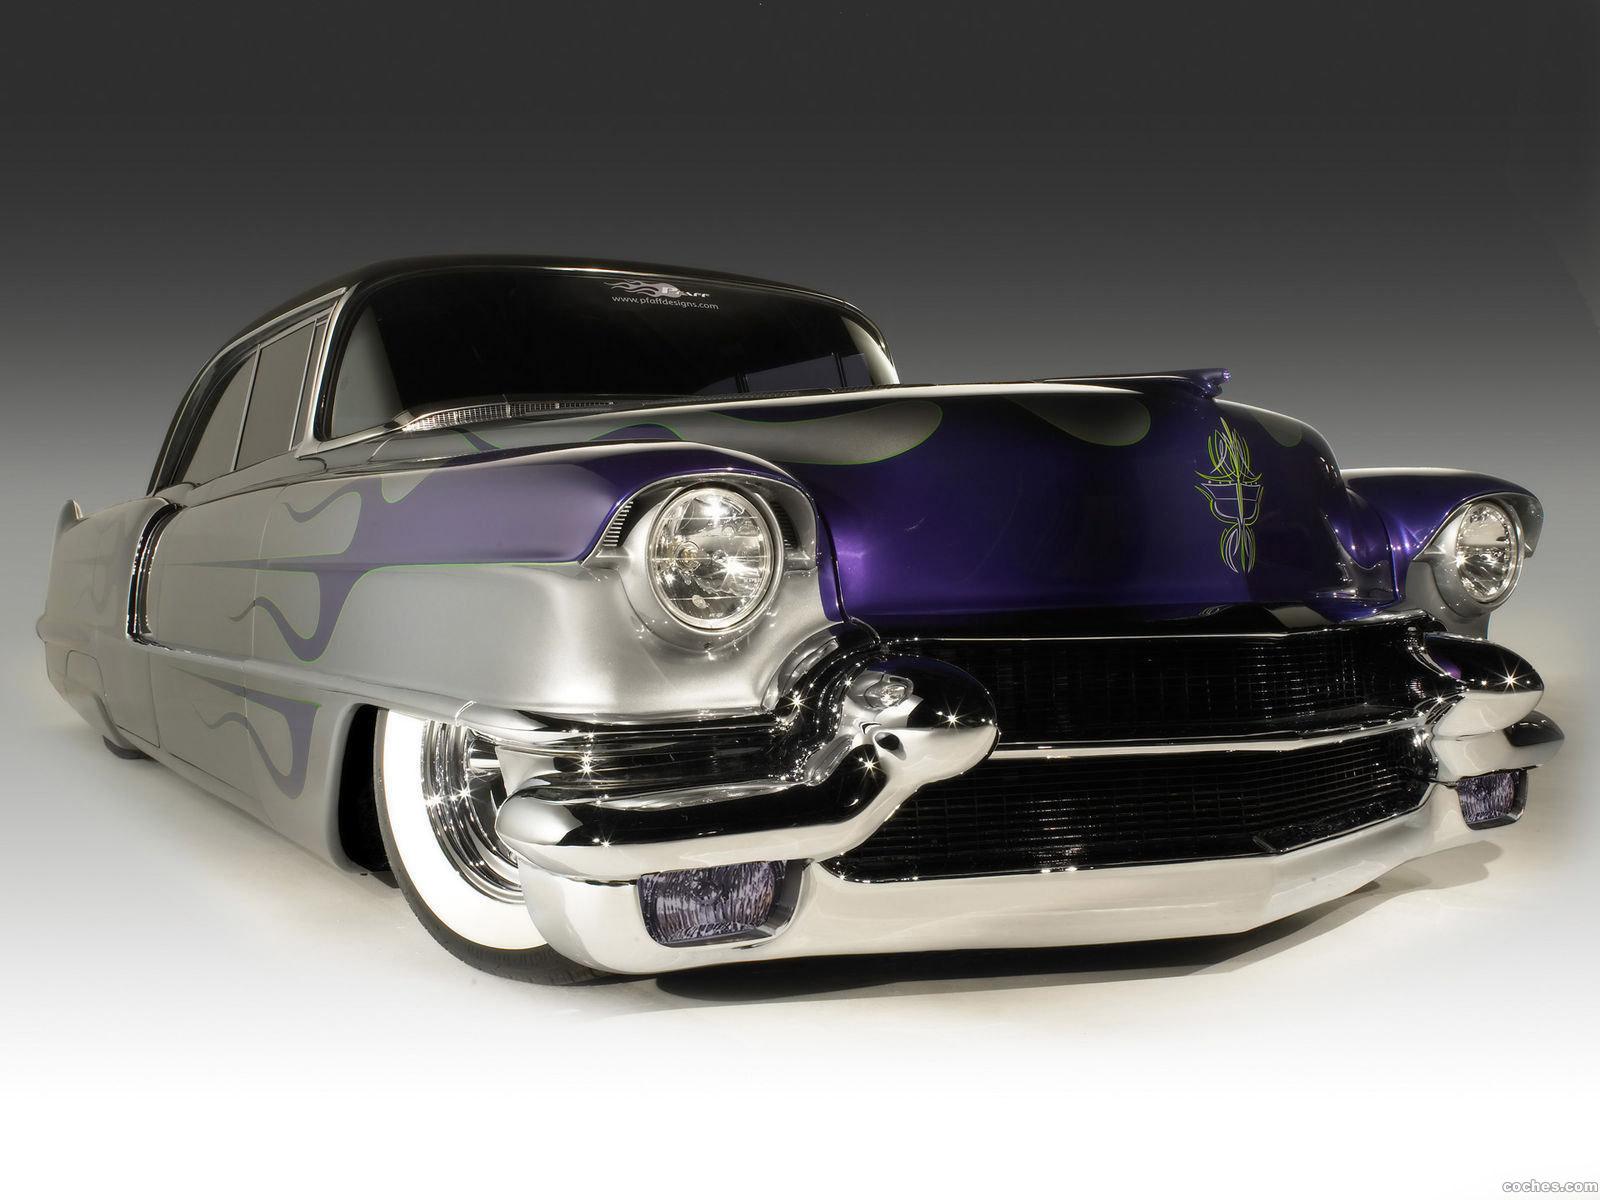 Foto 0 de Cadillac Firemaker Custom Pfaff Design 2009